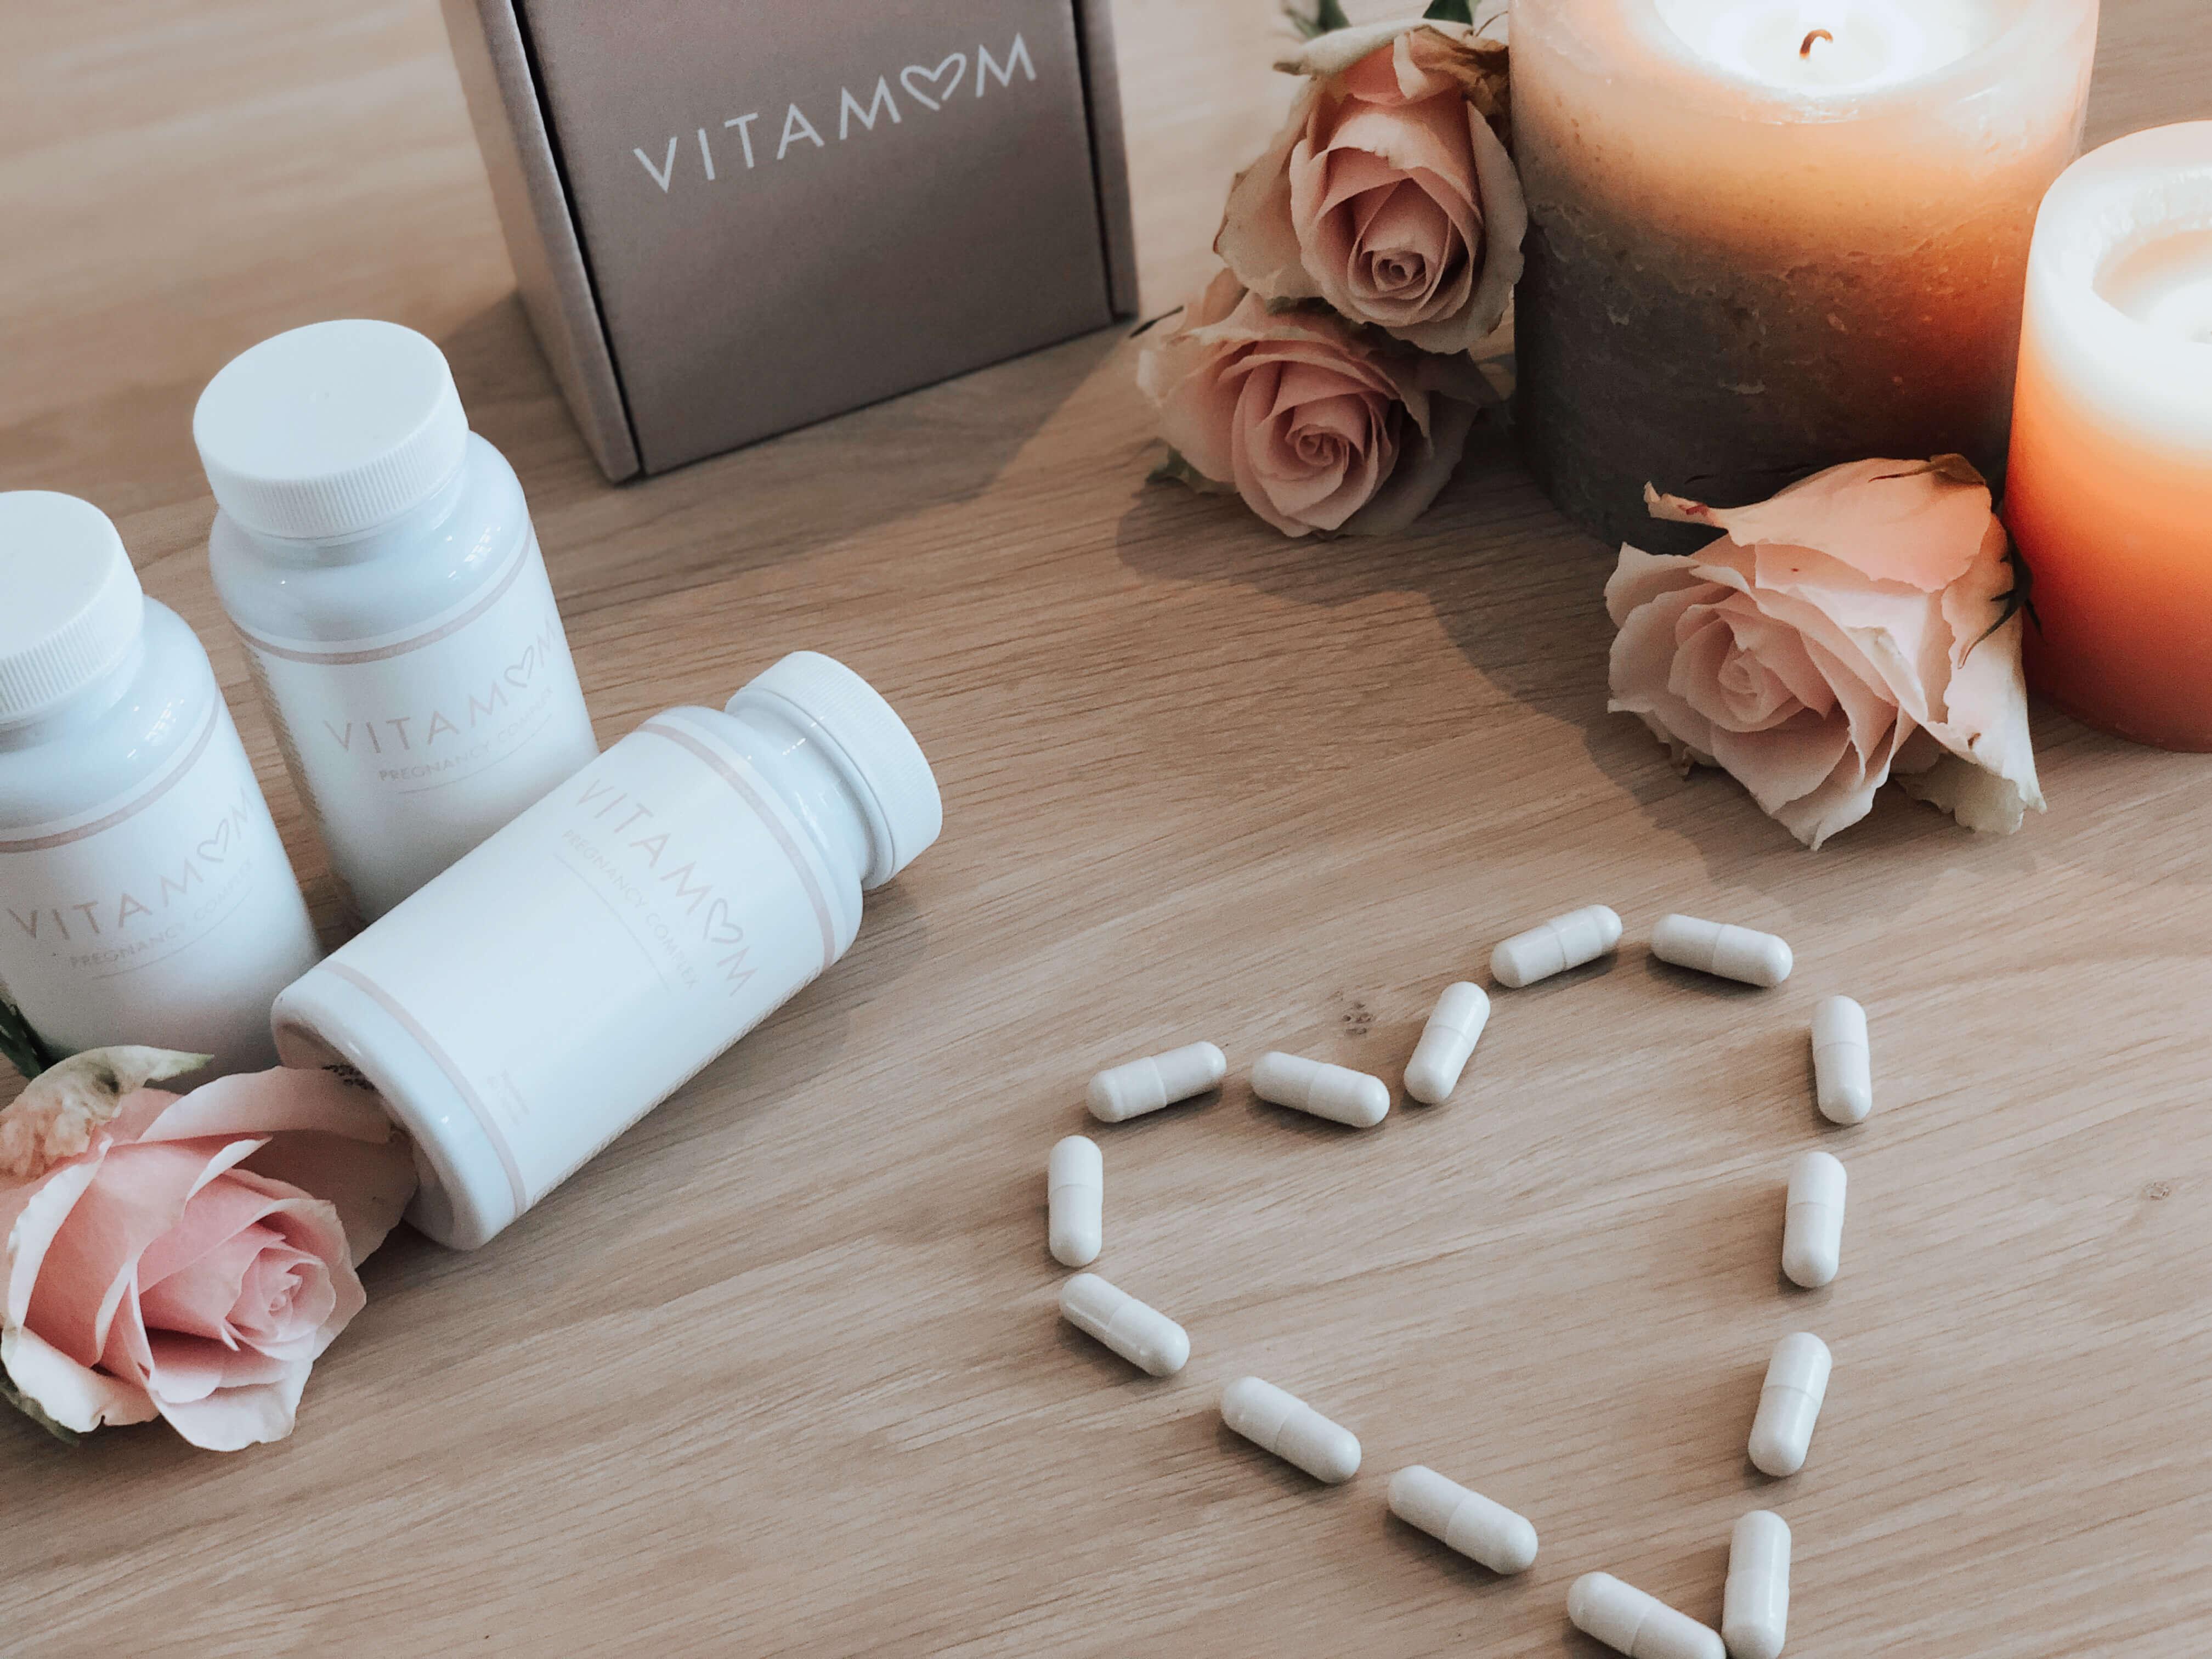 cajas y suplementos vitamínicos de Vitamom